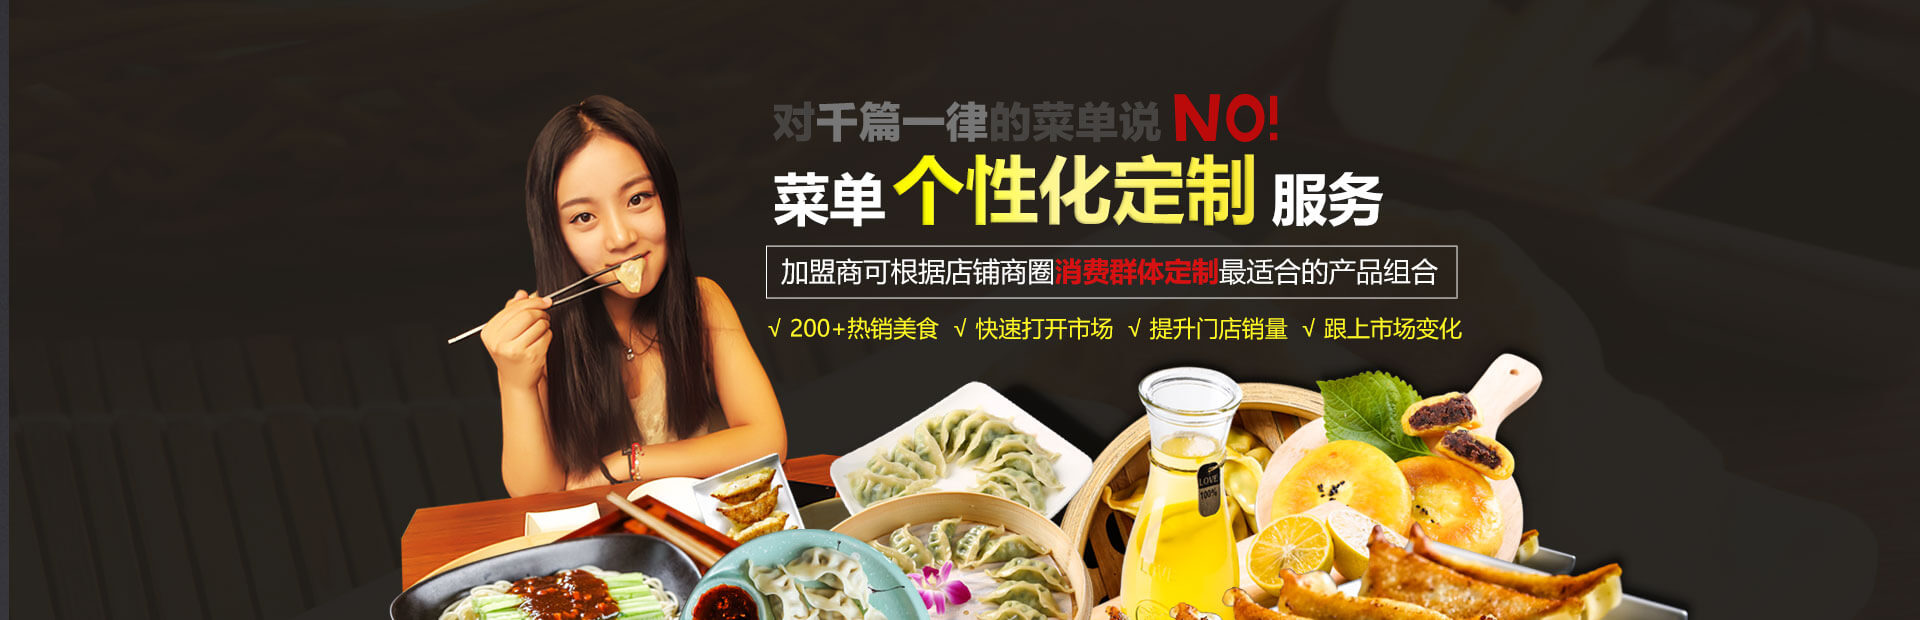 饺子加盟连锁品牌推荐